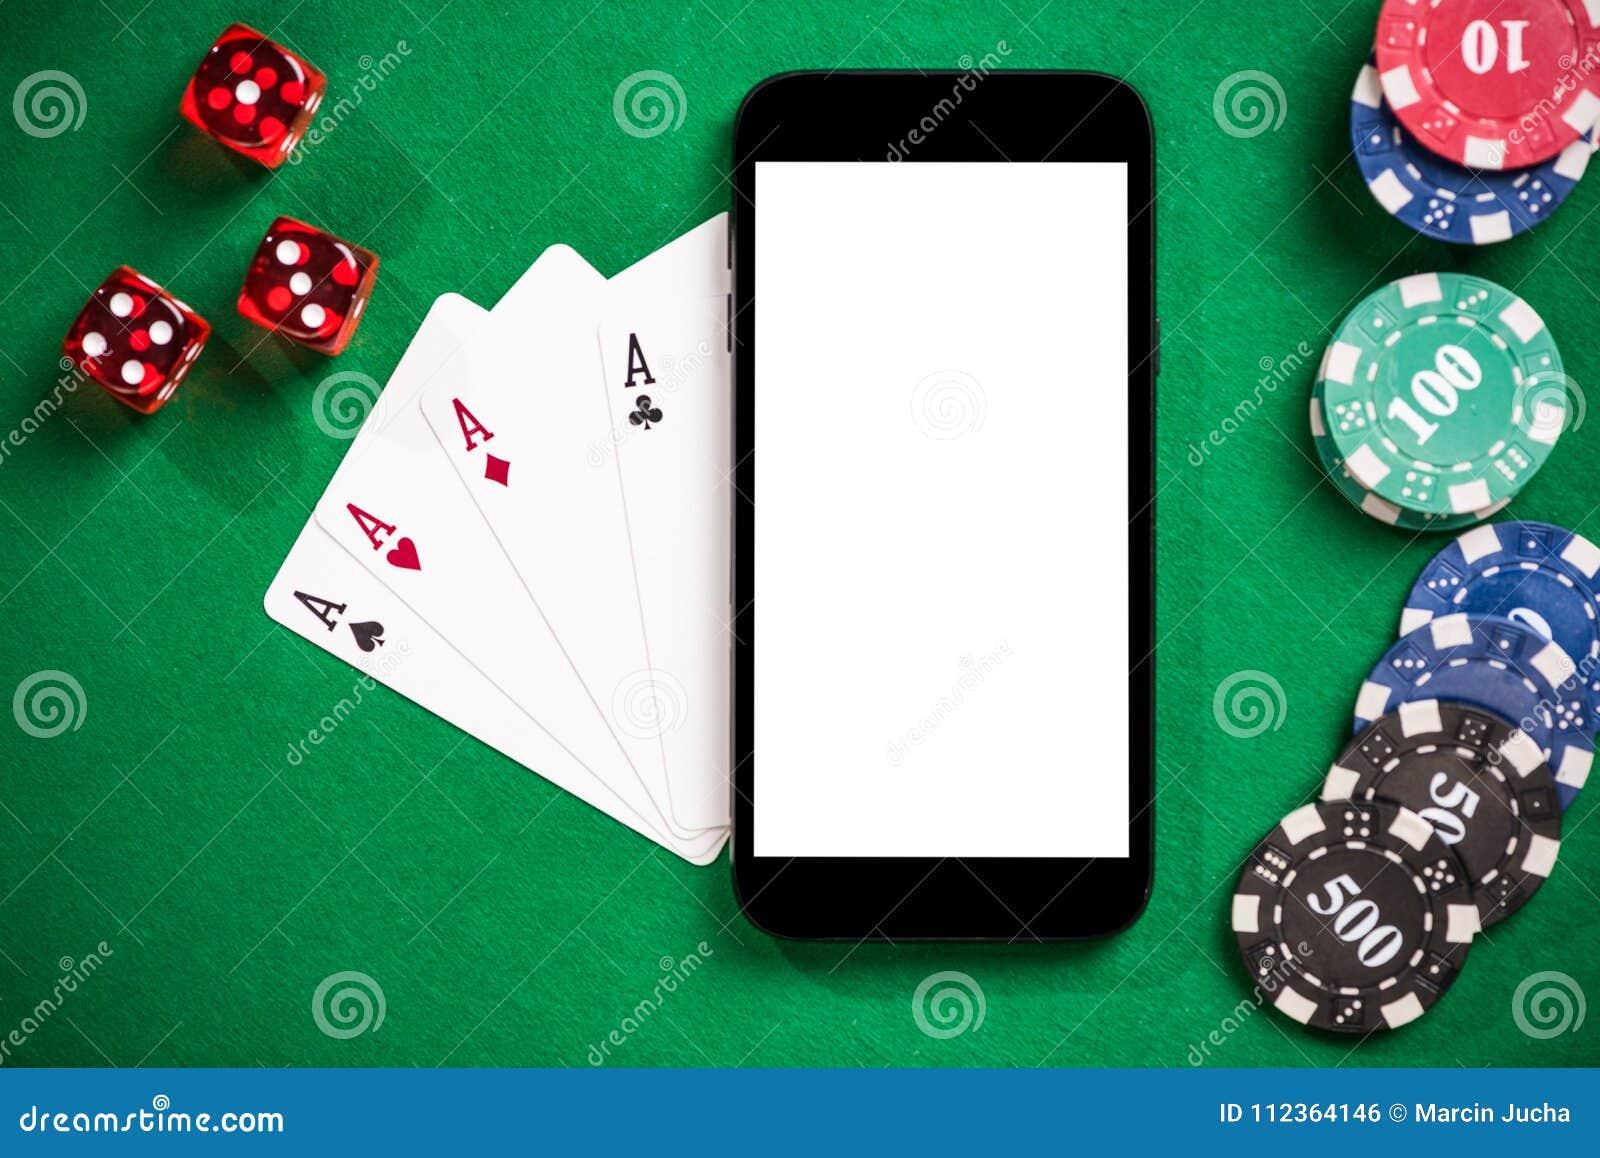 Скачать покер для мобильного телефона онлайн читать донцова покер с акулой онлайн бесплатно